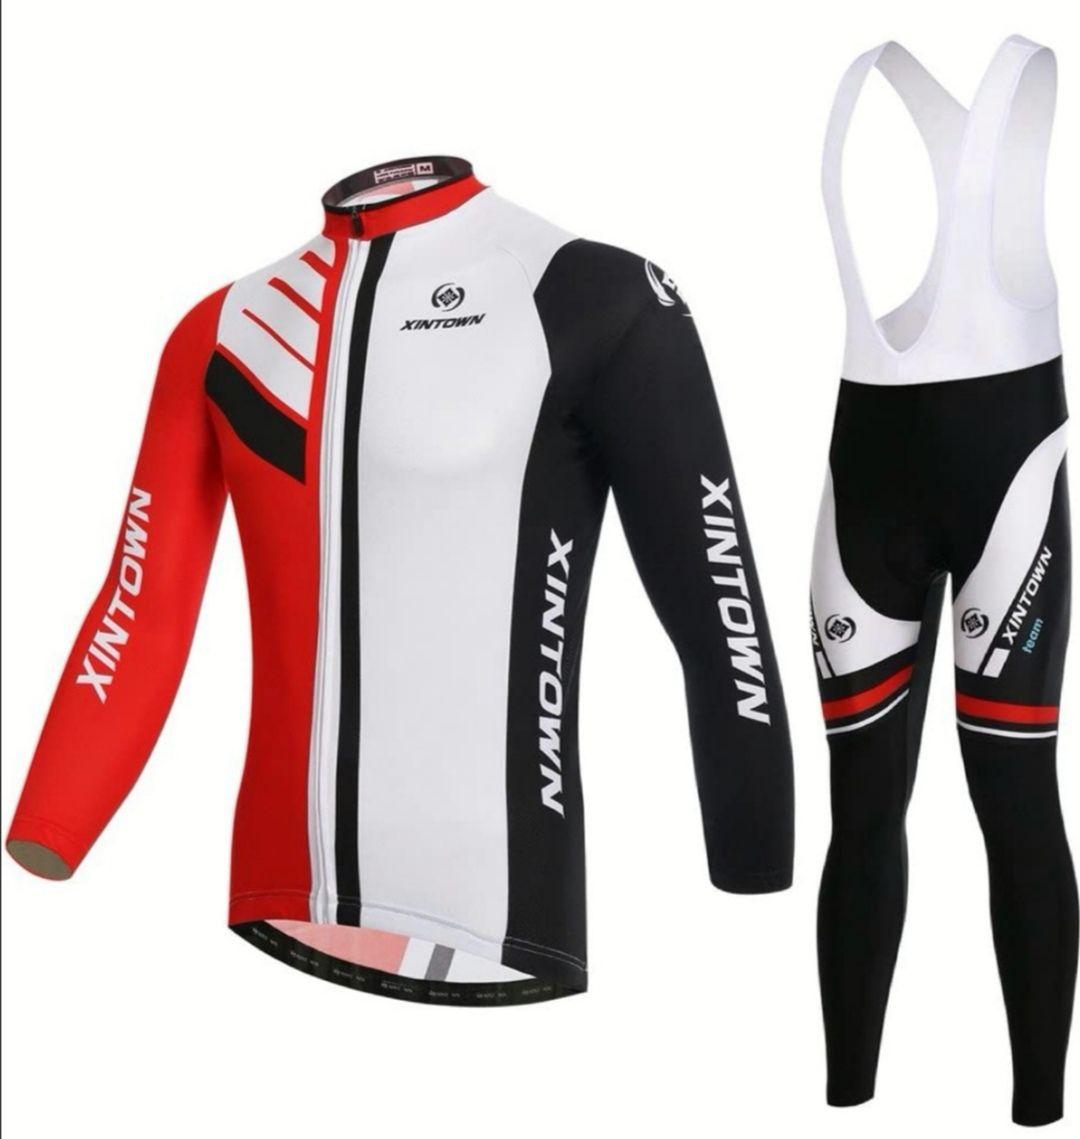 Ropa Maillot para Deportes al Aire Libre Ciclo Bicicleta (Varios modelos y tallas)